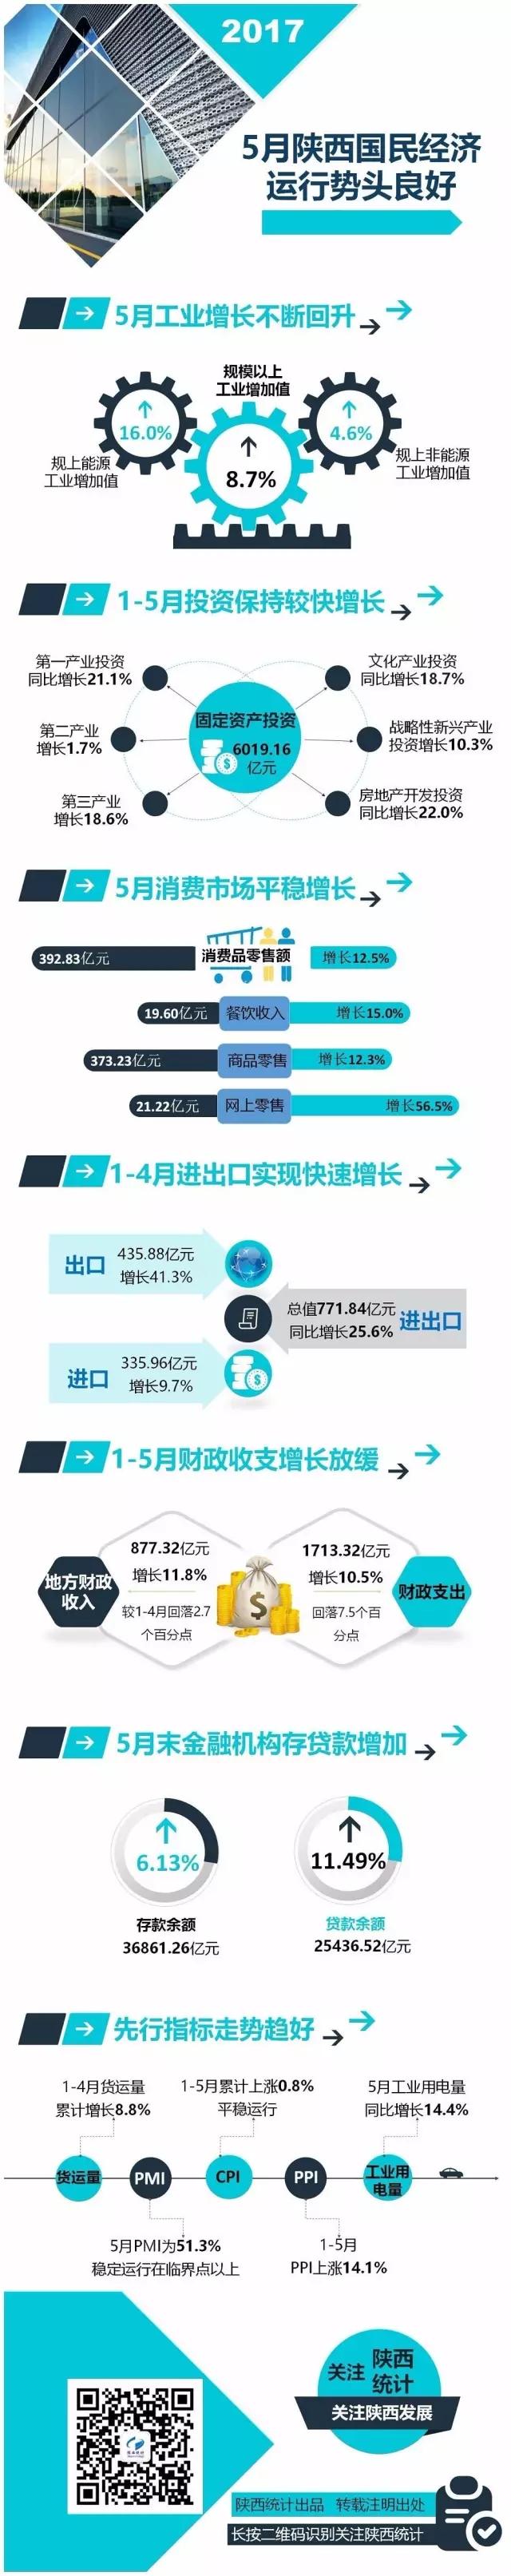 一图解析5月份陕西国民经济形势发展如何